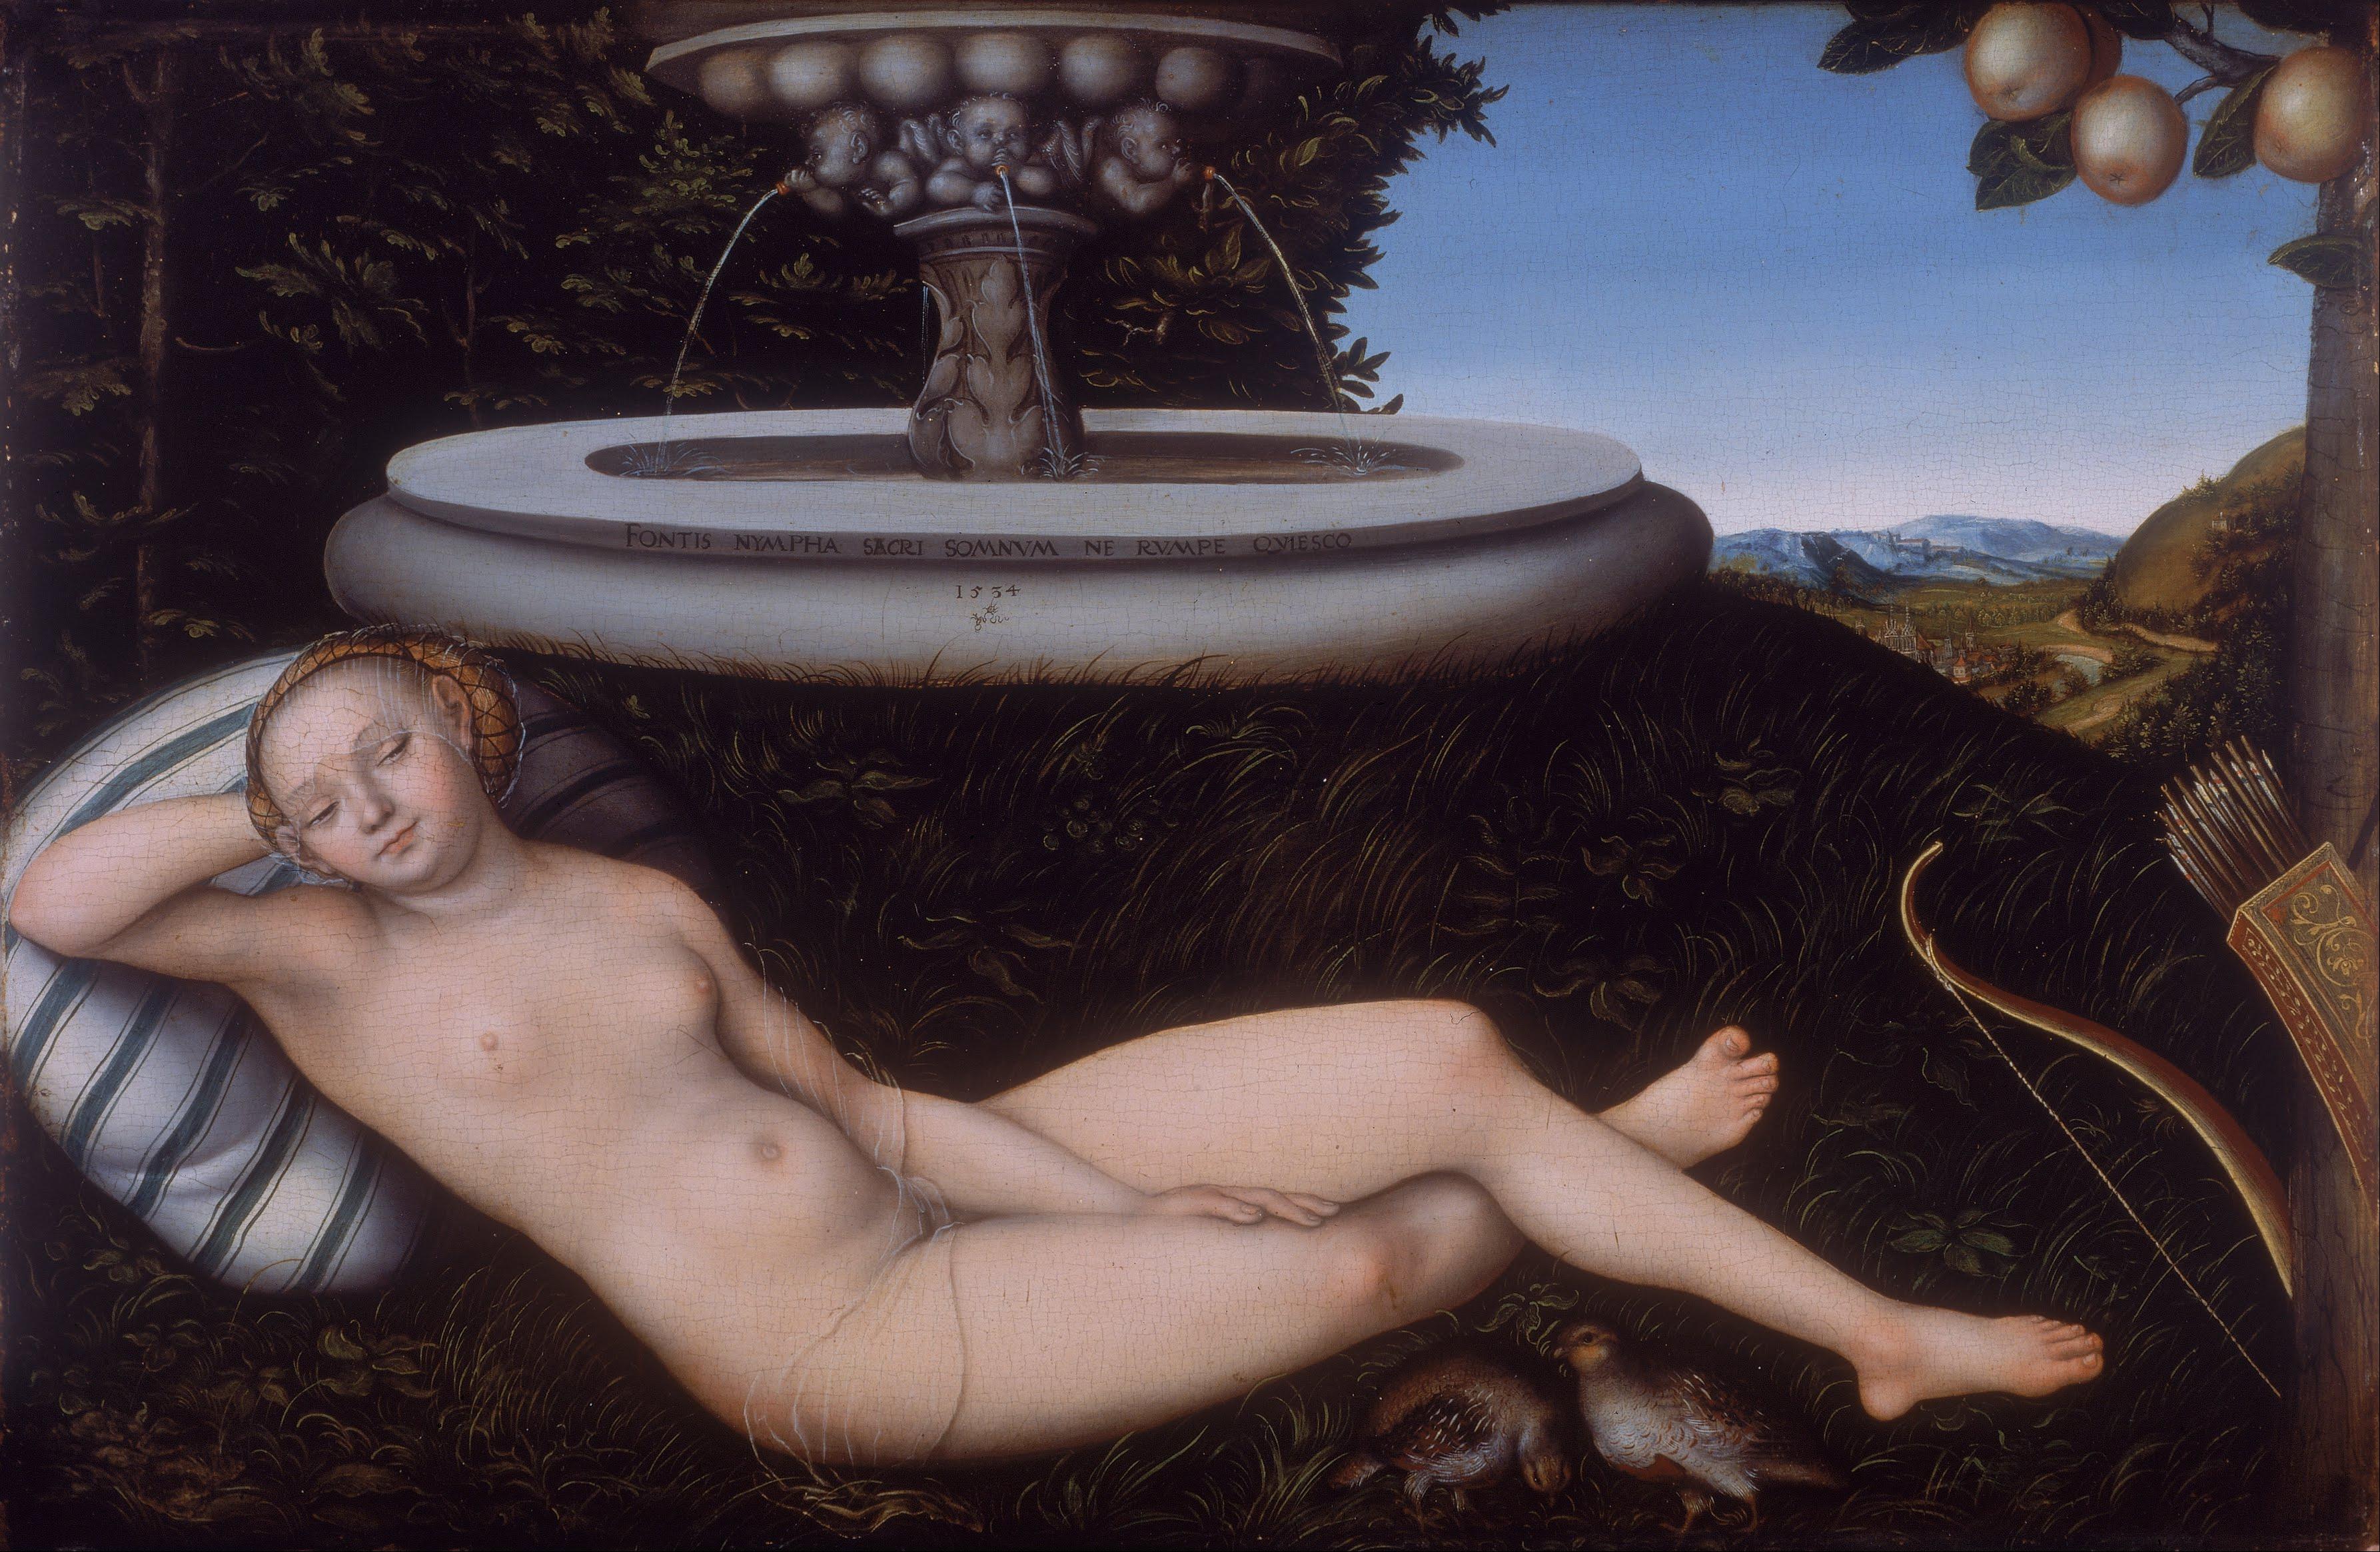 Lucas Cranach I, 1472-1553. Нимфа фонтана. 1534. 50.8 х 76.2 см. Ливерпуль, Художественная галерея Уолкера